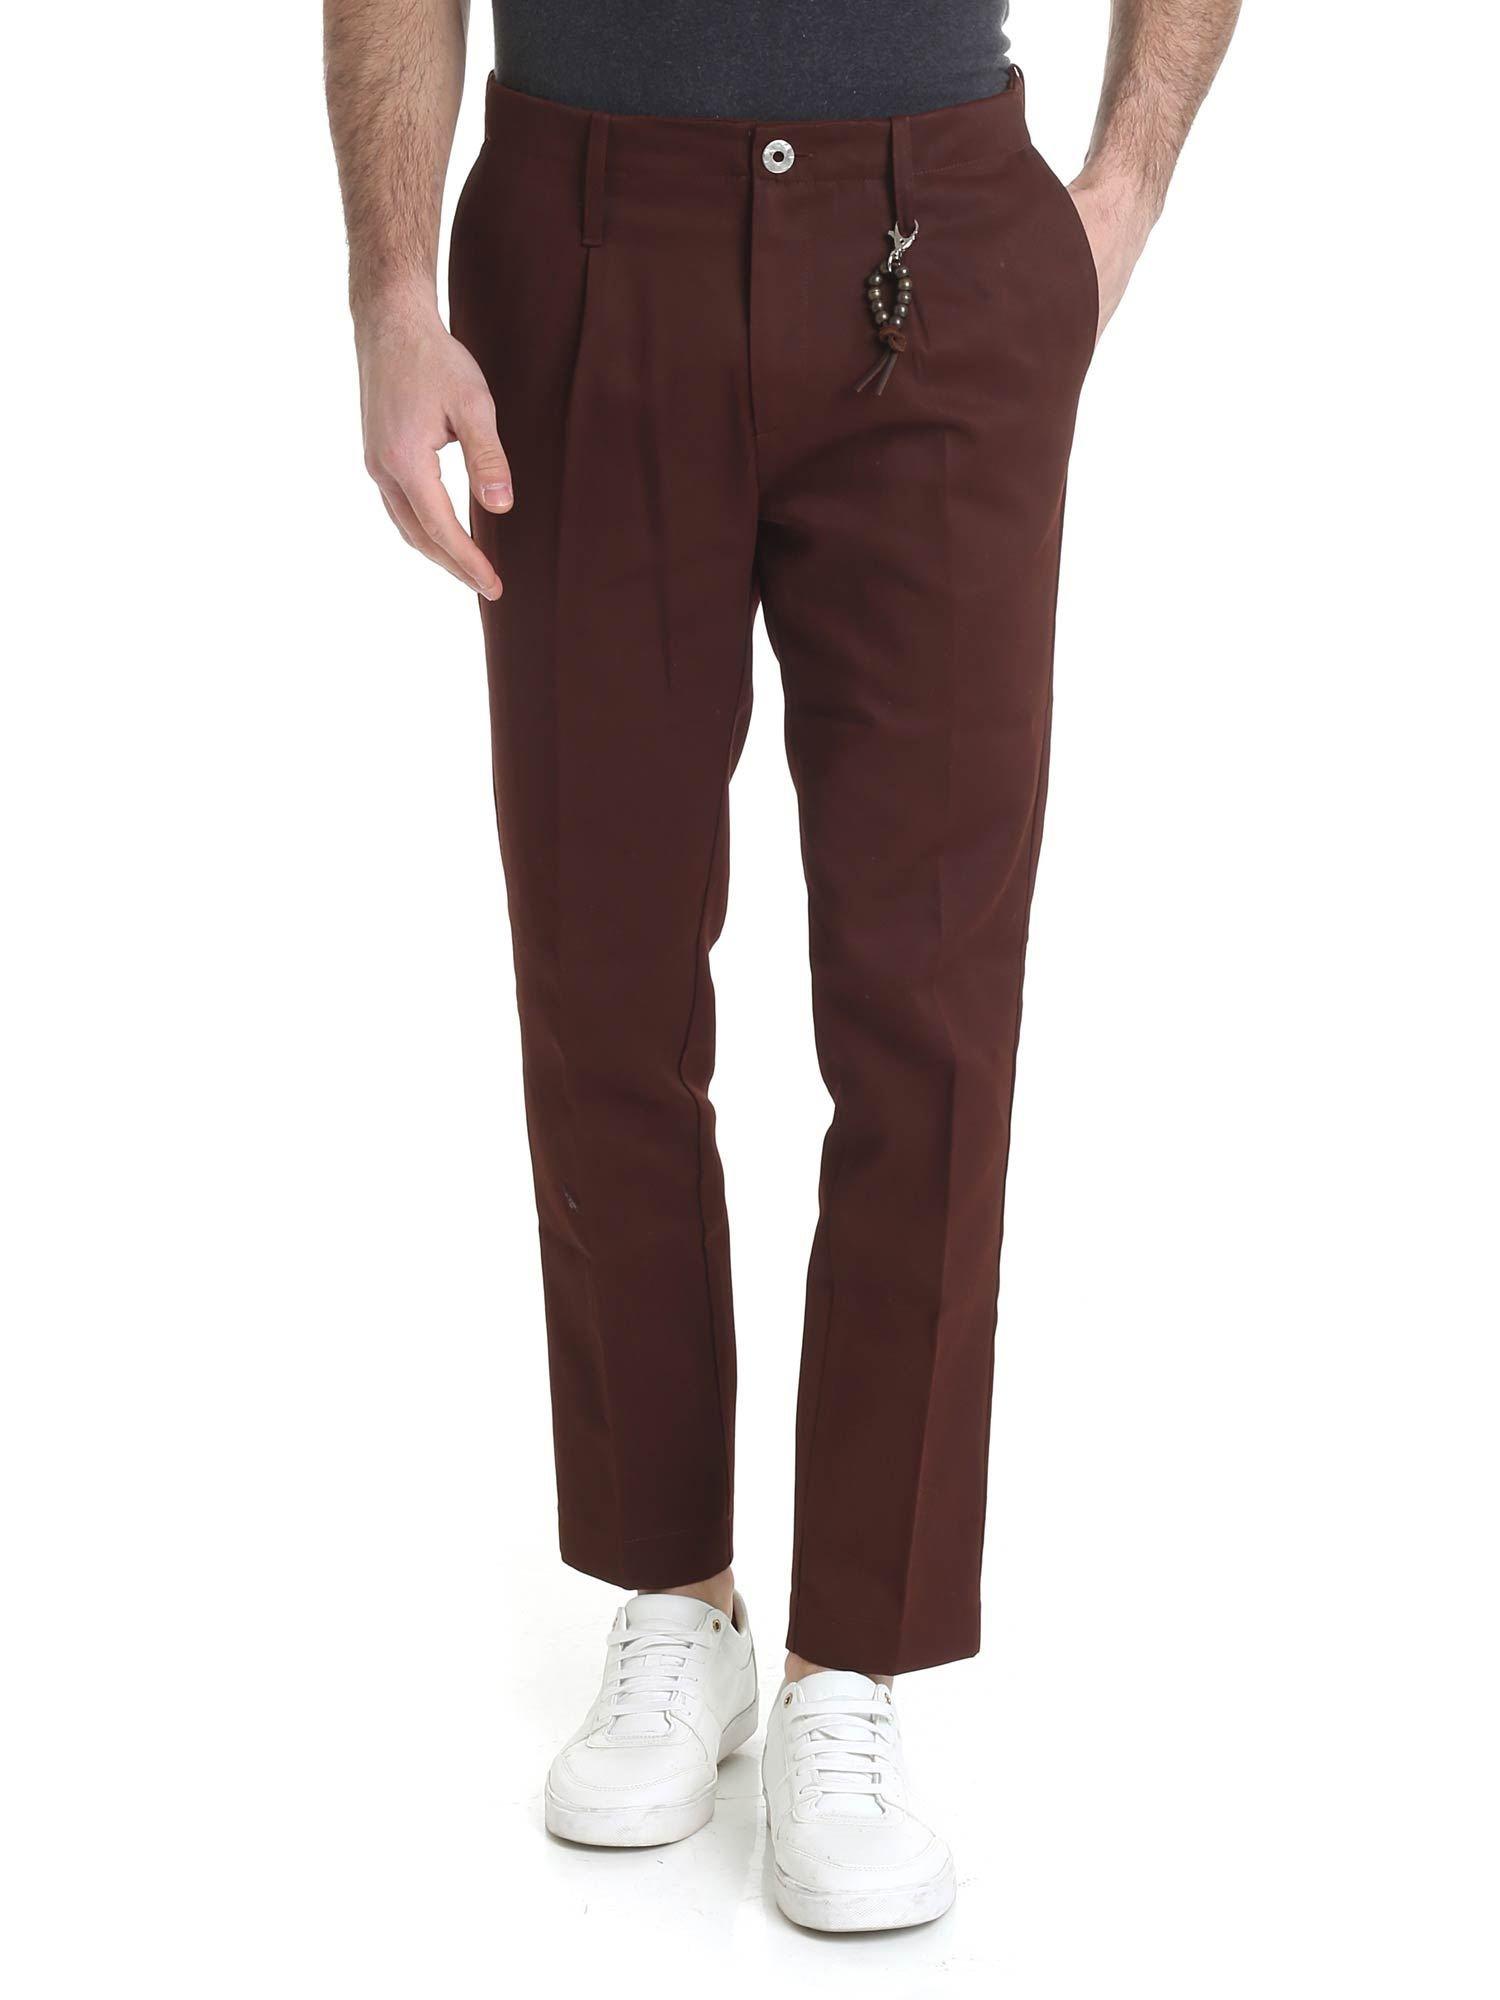 Image of pantalone in cotone rosso ruggine con 1 pince R93 C-RR